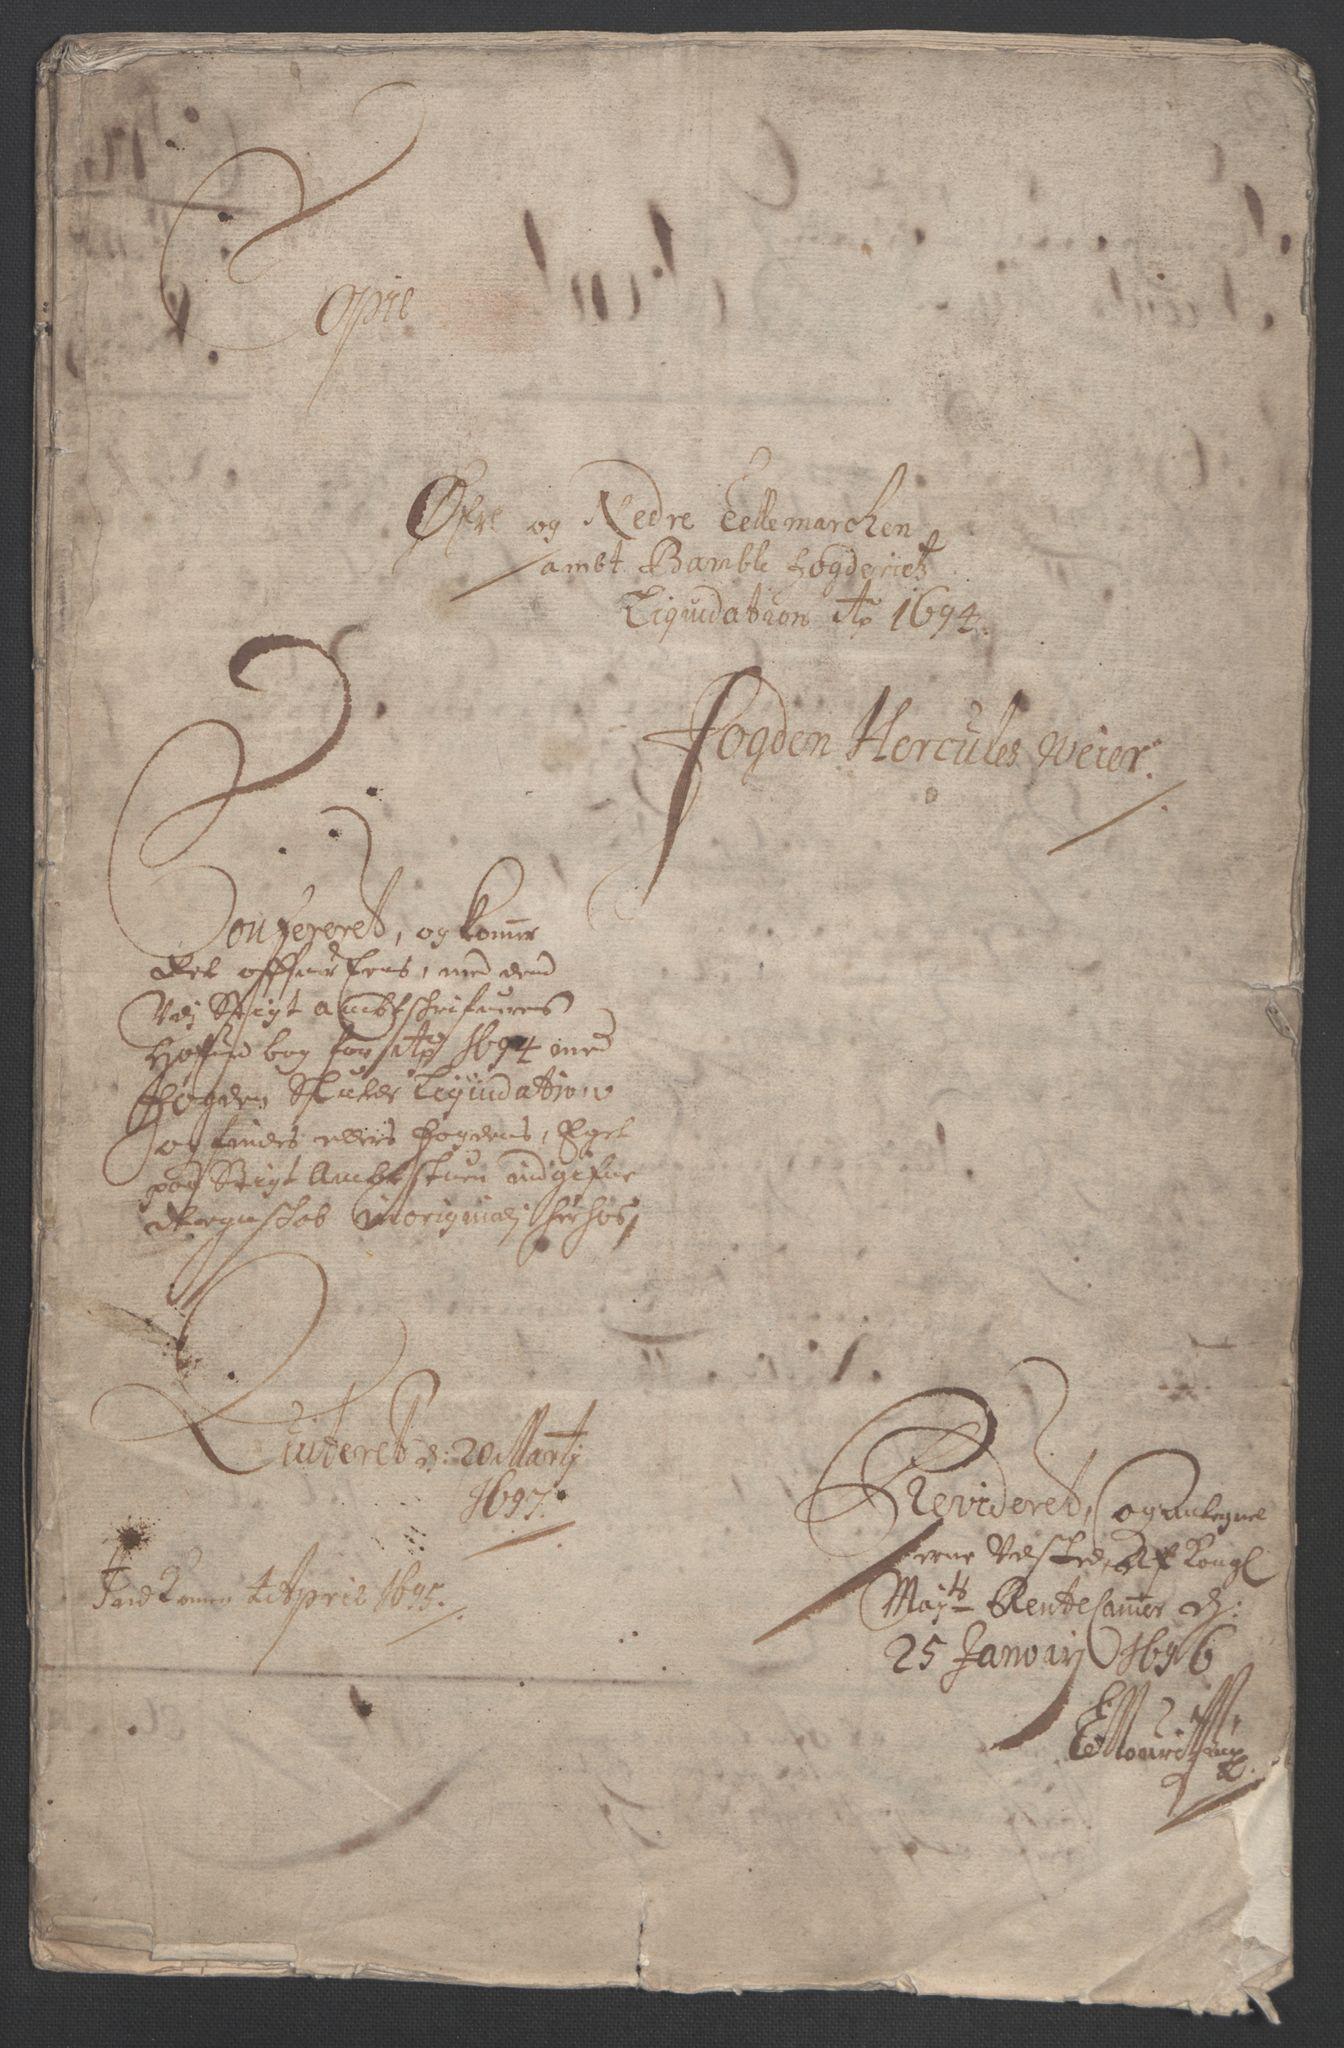 RA, Rentekammeret inntil 1814, Reviderte regnskaper, Fogderegnskap, R36/L2092: Fogderegnskap Øvre og Nedre Telemark og Bamble, 1694, s. 3